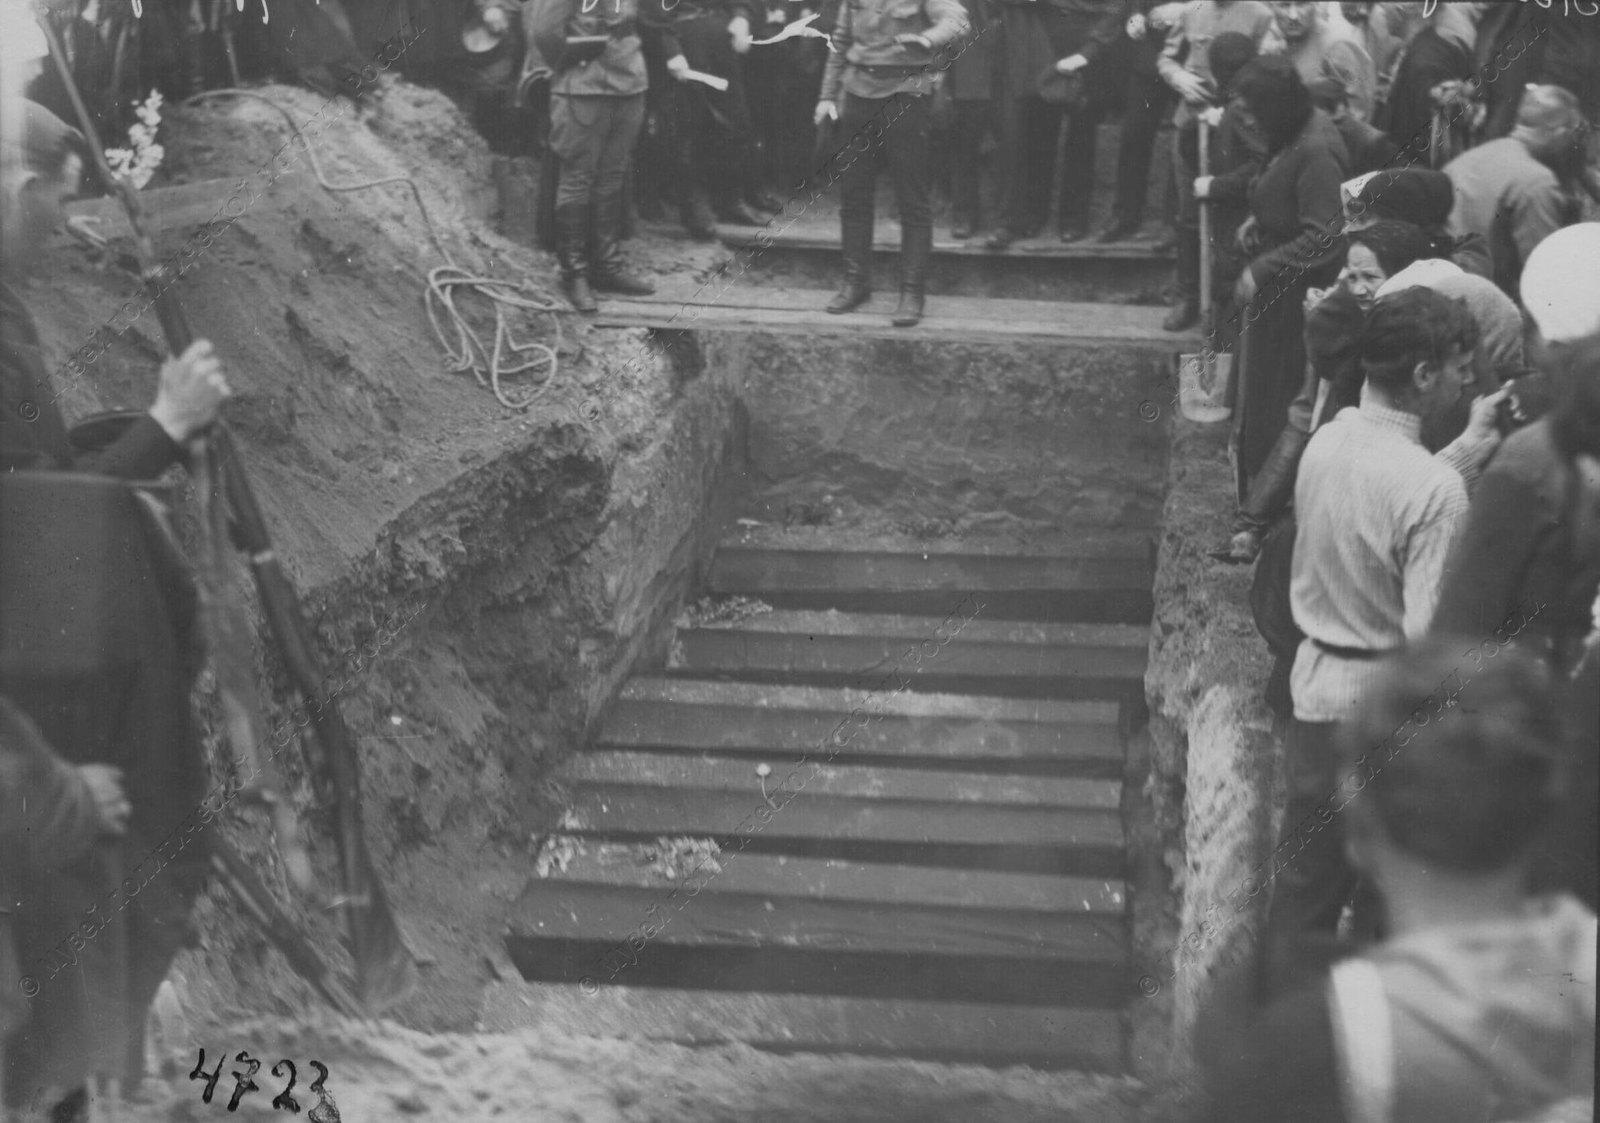 1919. Похороны красноармейцев и моряков, погибших в боях с бандами Юденича на подступах и Петрограду